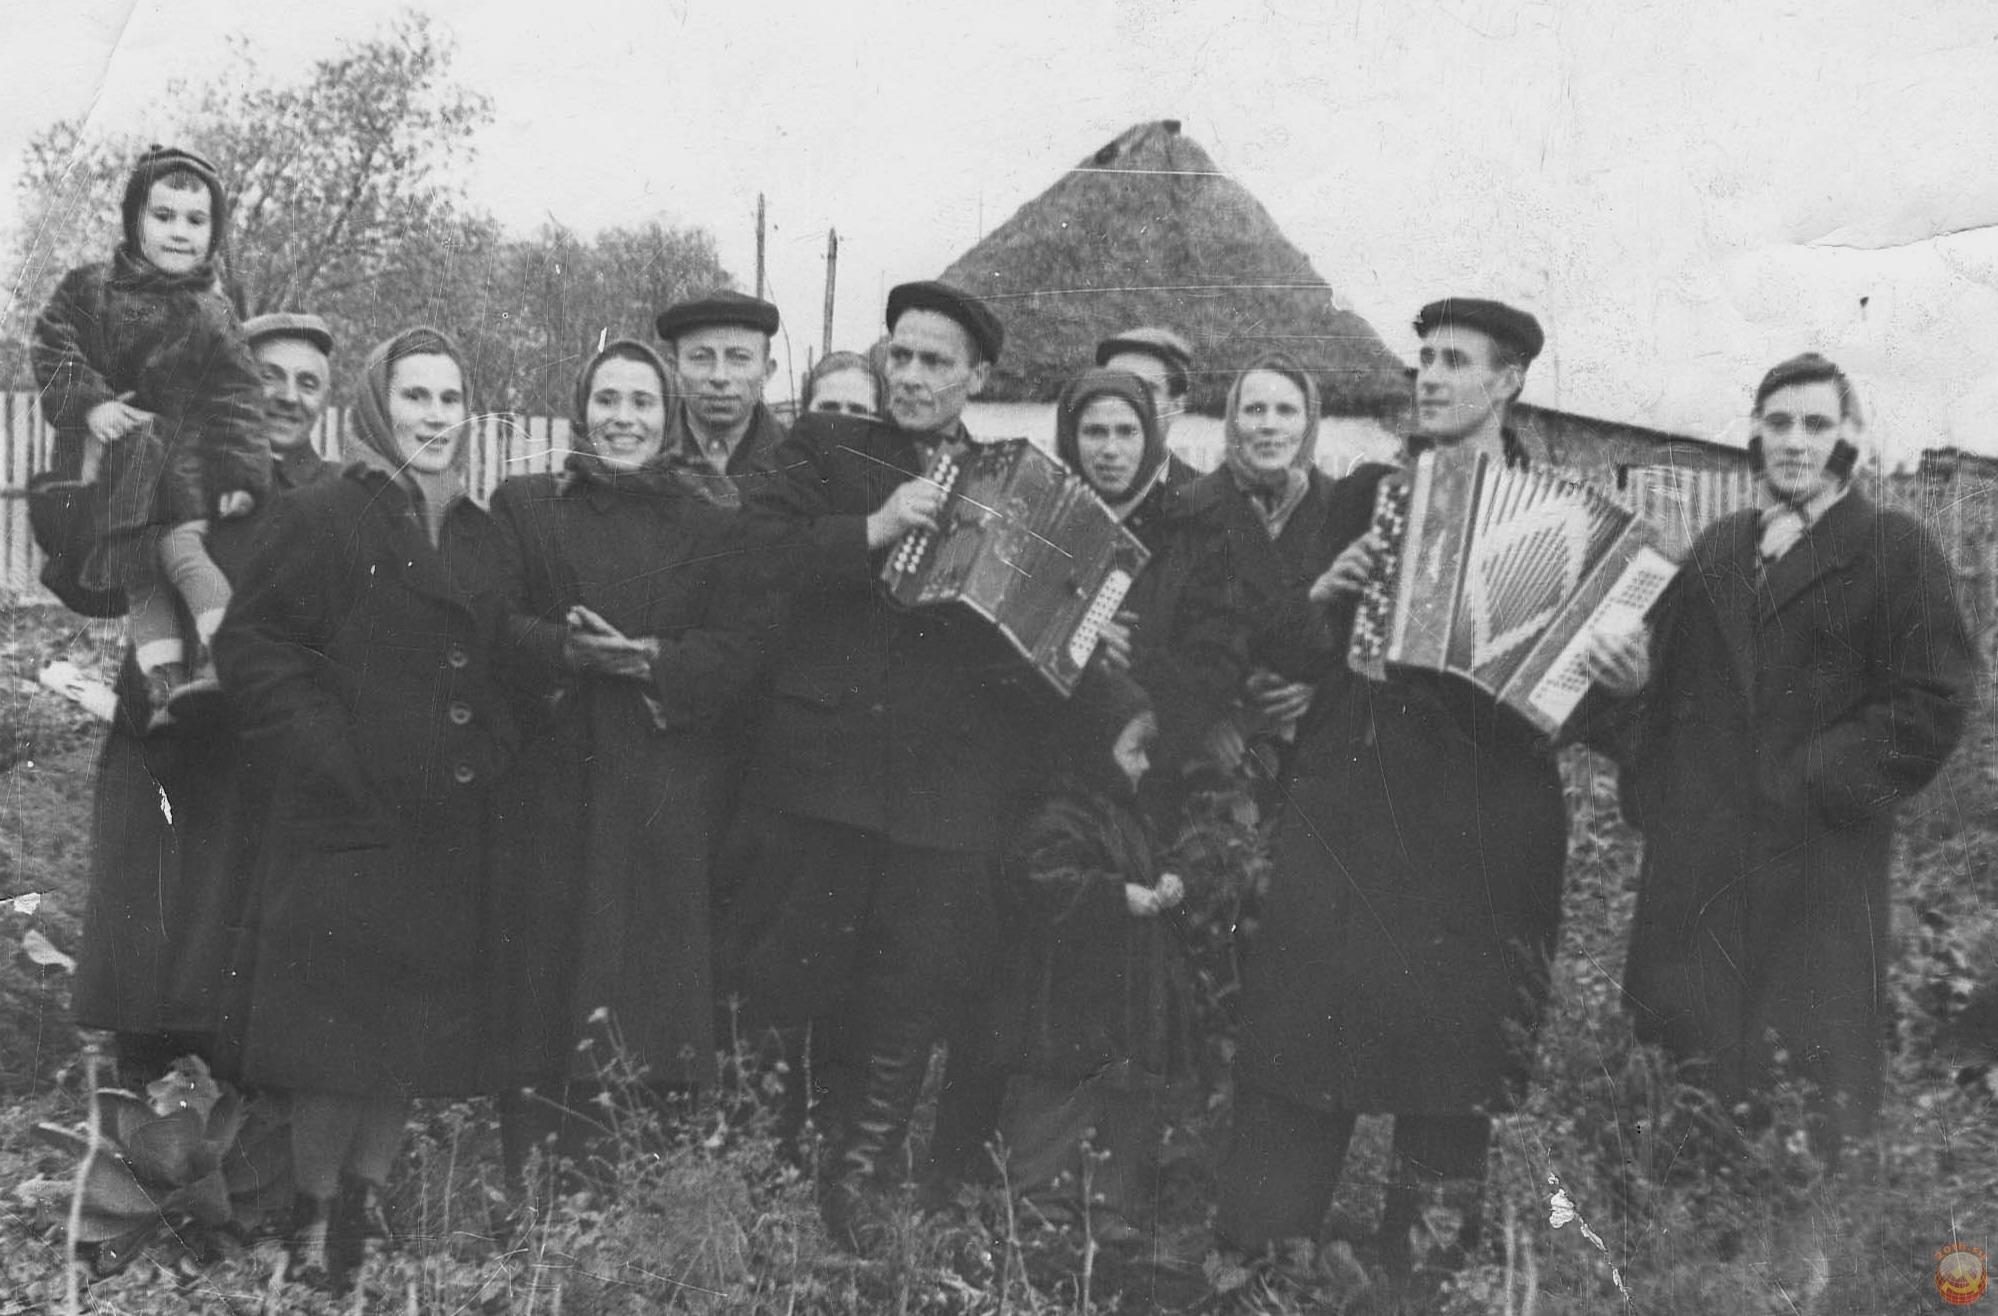 Фото 1960 деревенская девчушка 19 фотография